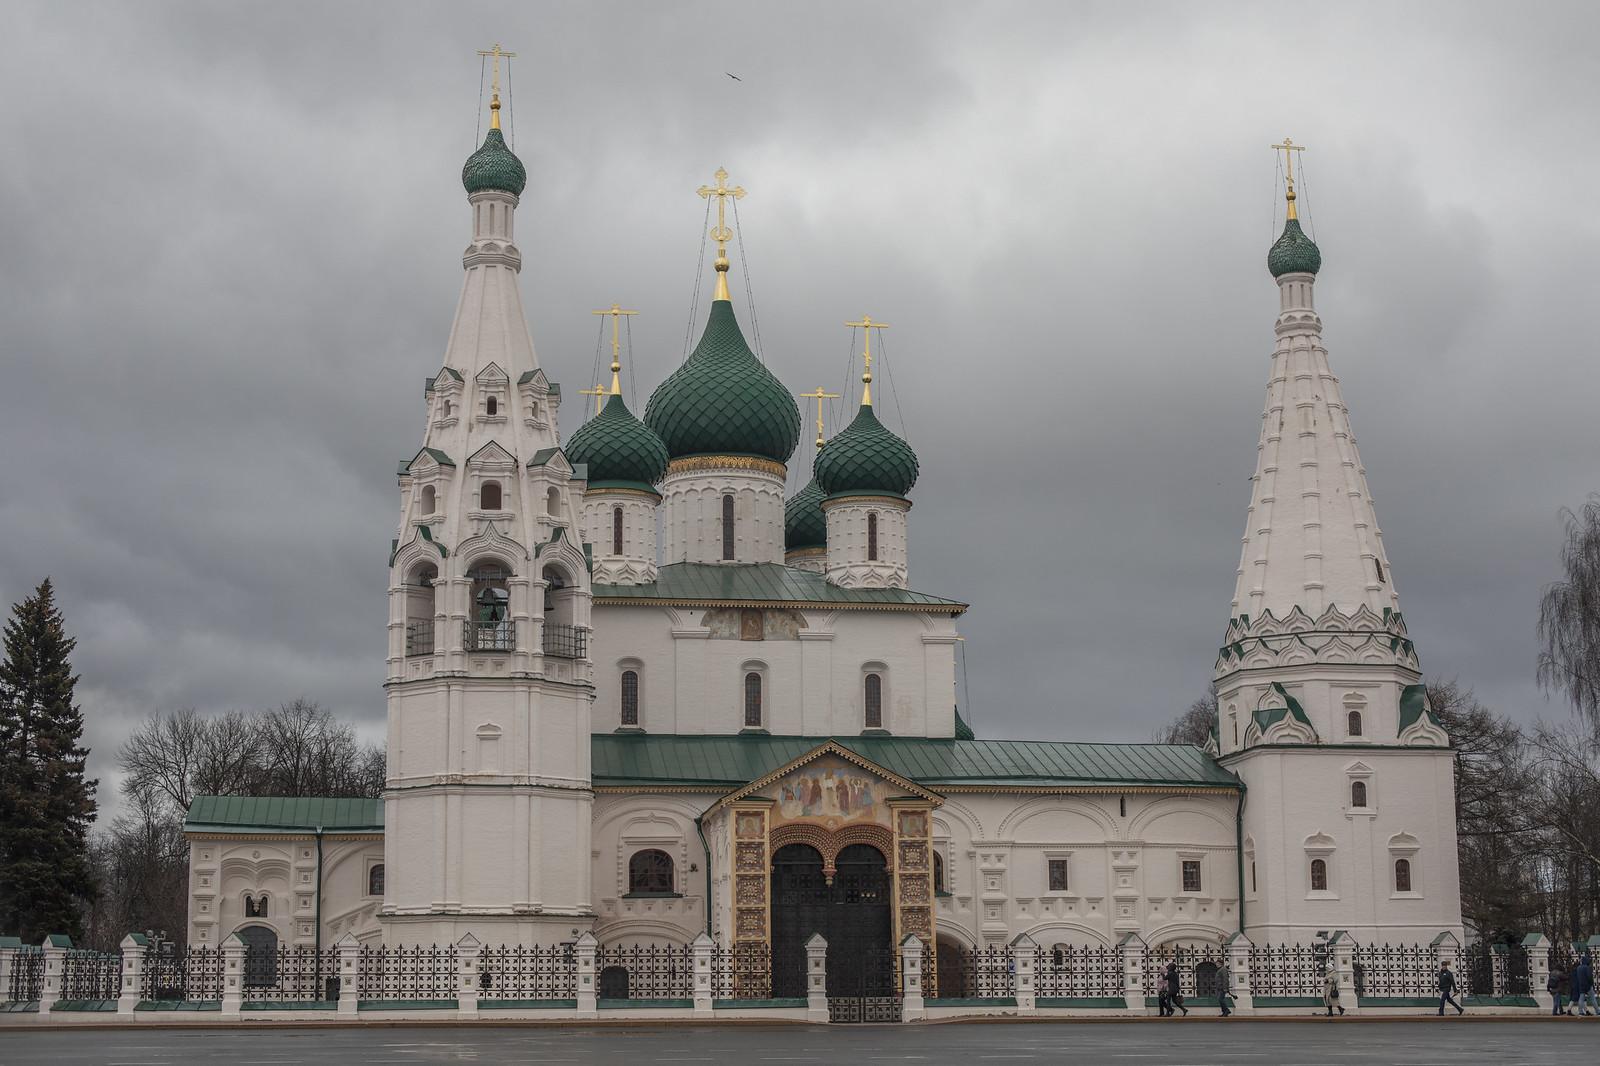 Ярославль_Церковь Ильи Пророка_3